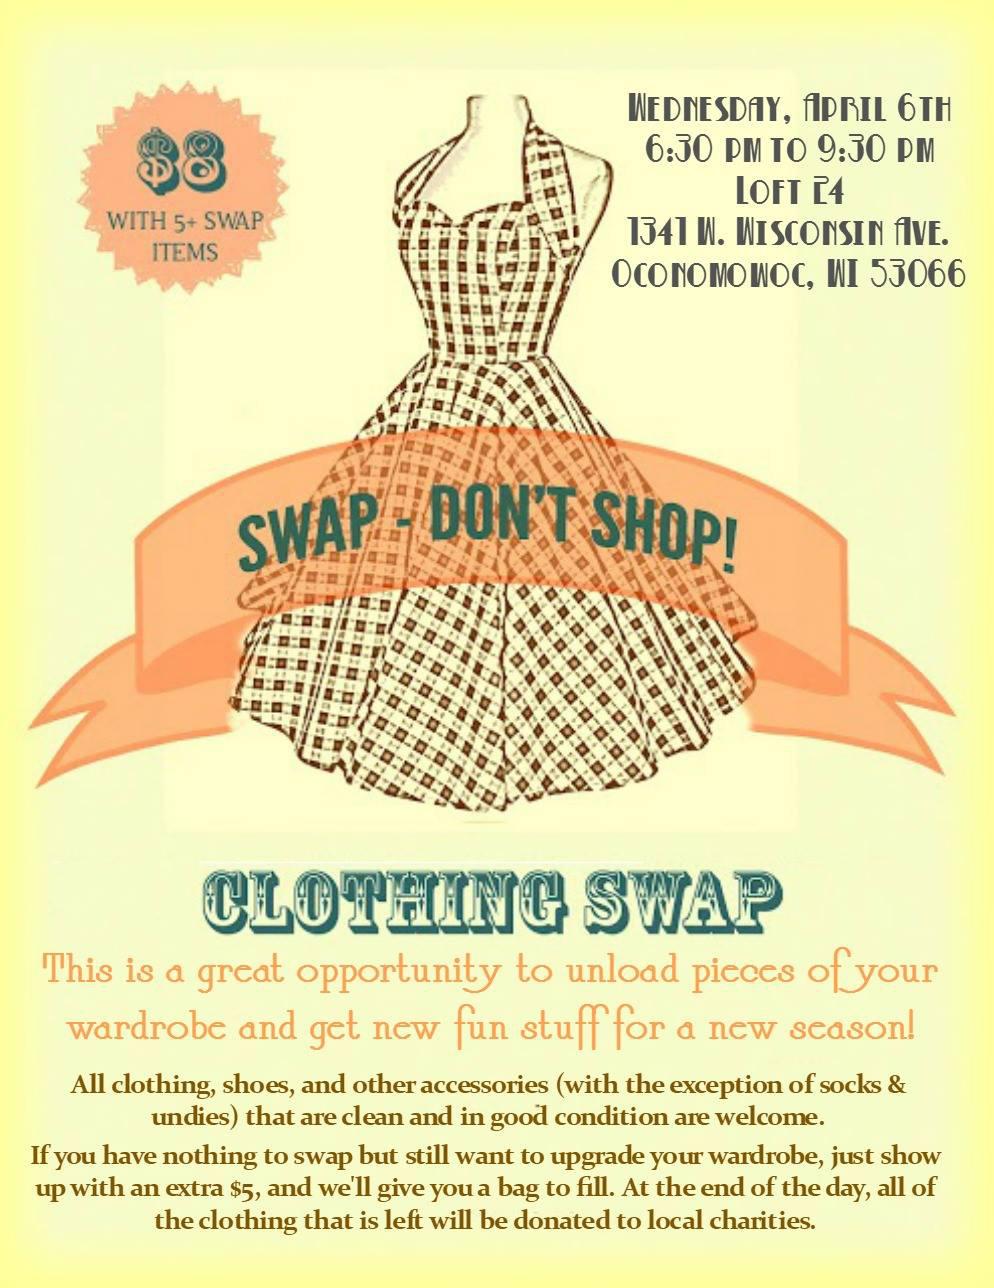 Swap - Don't Shop! Event at Loft 24